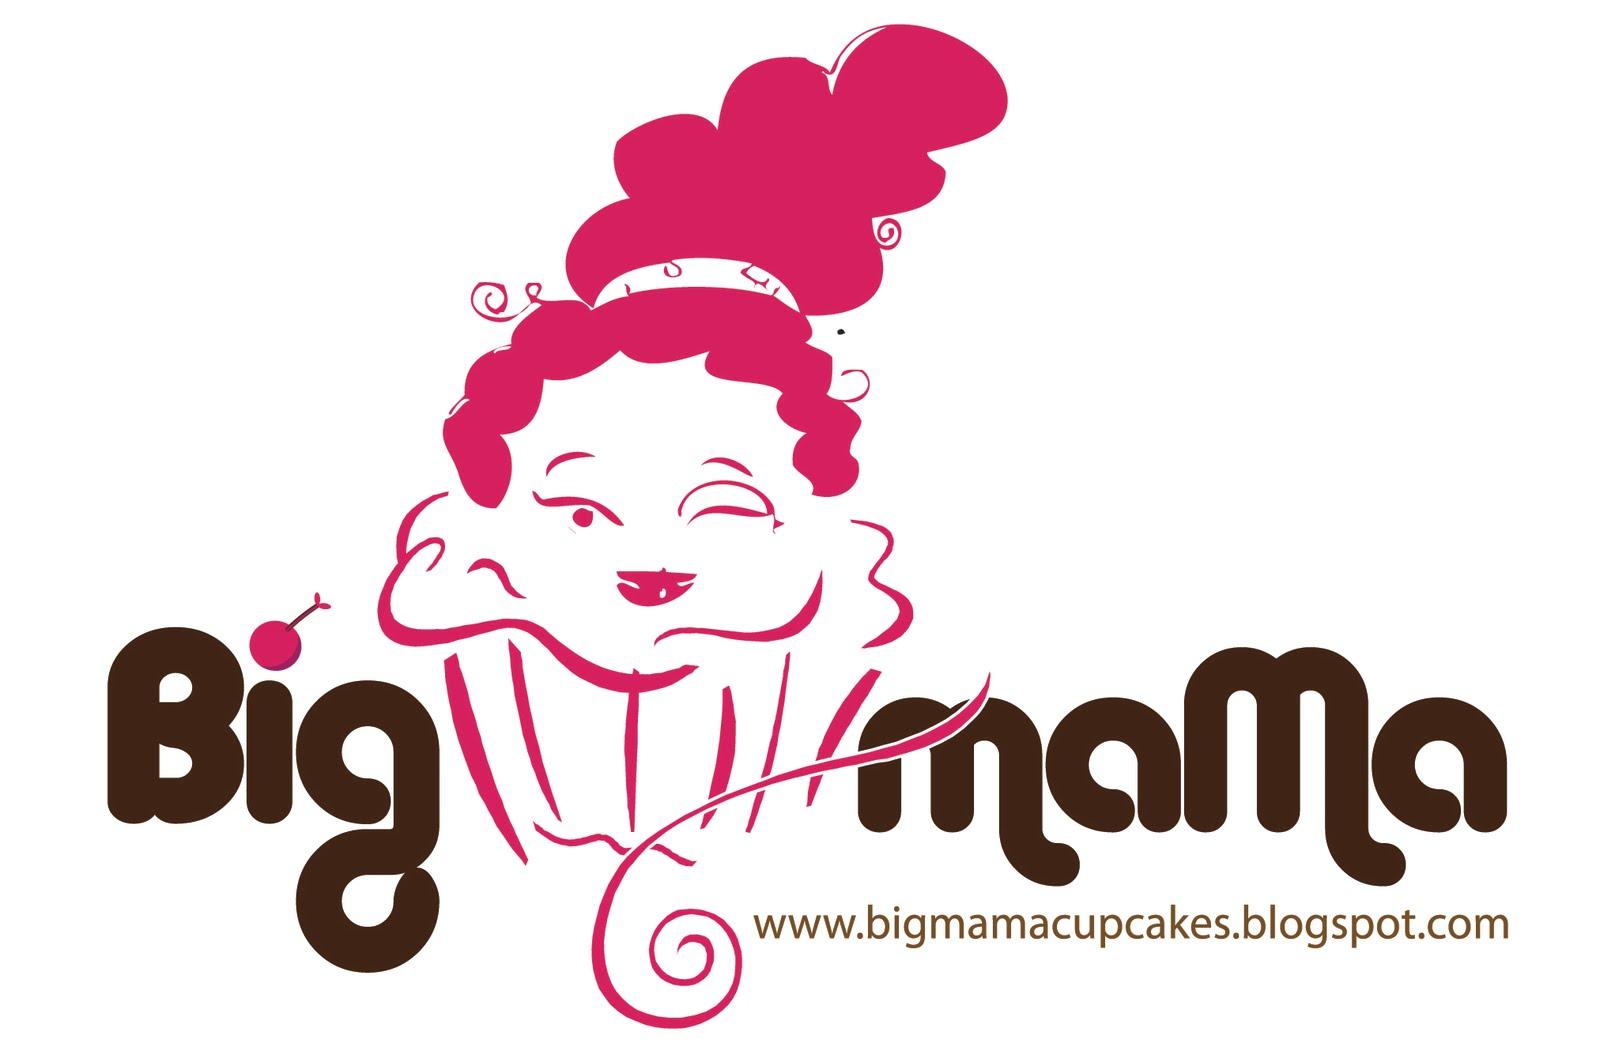 Big Mama Cupcake Logos